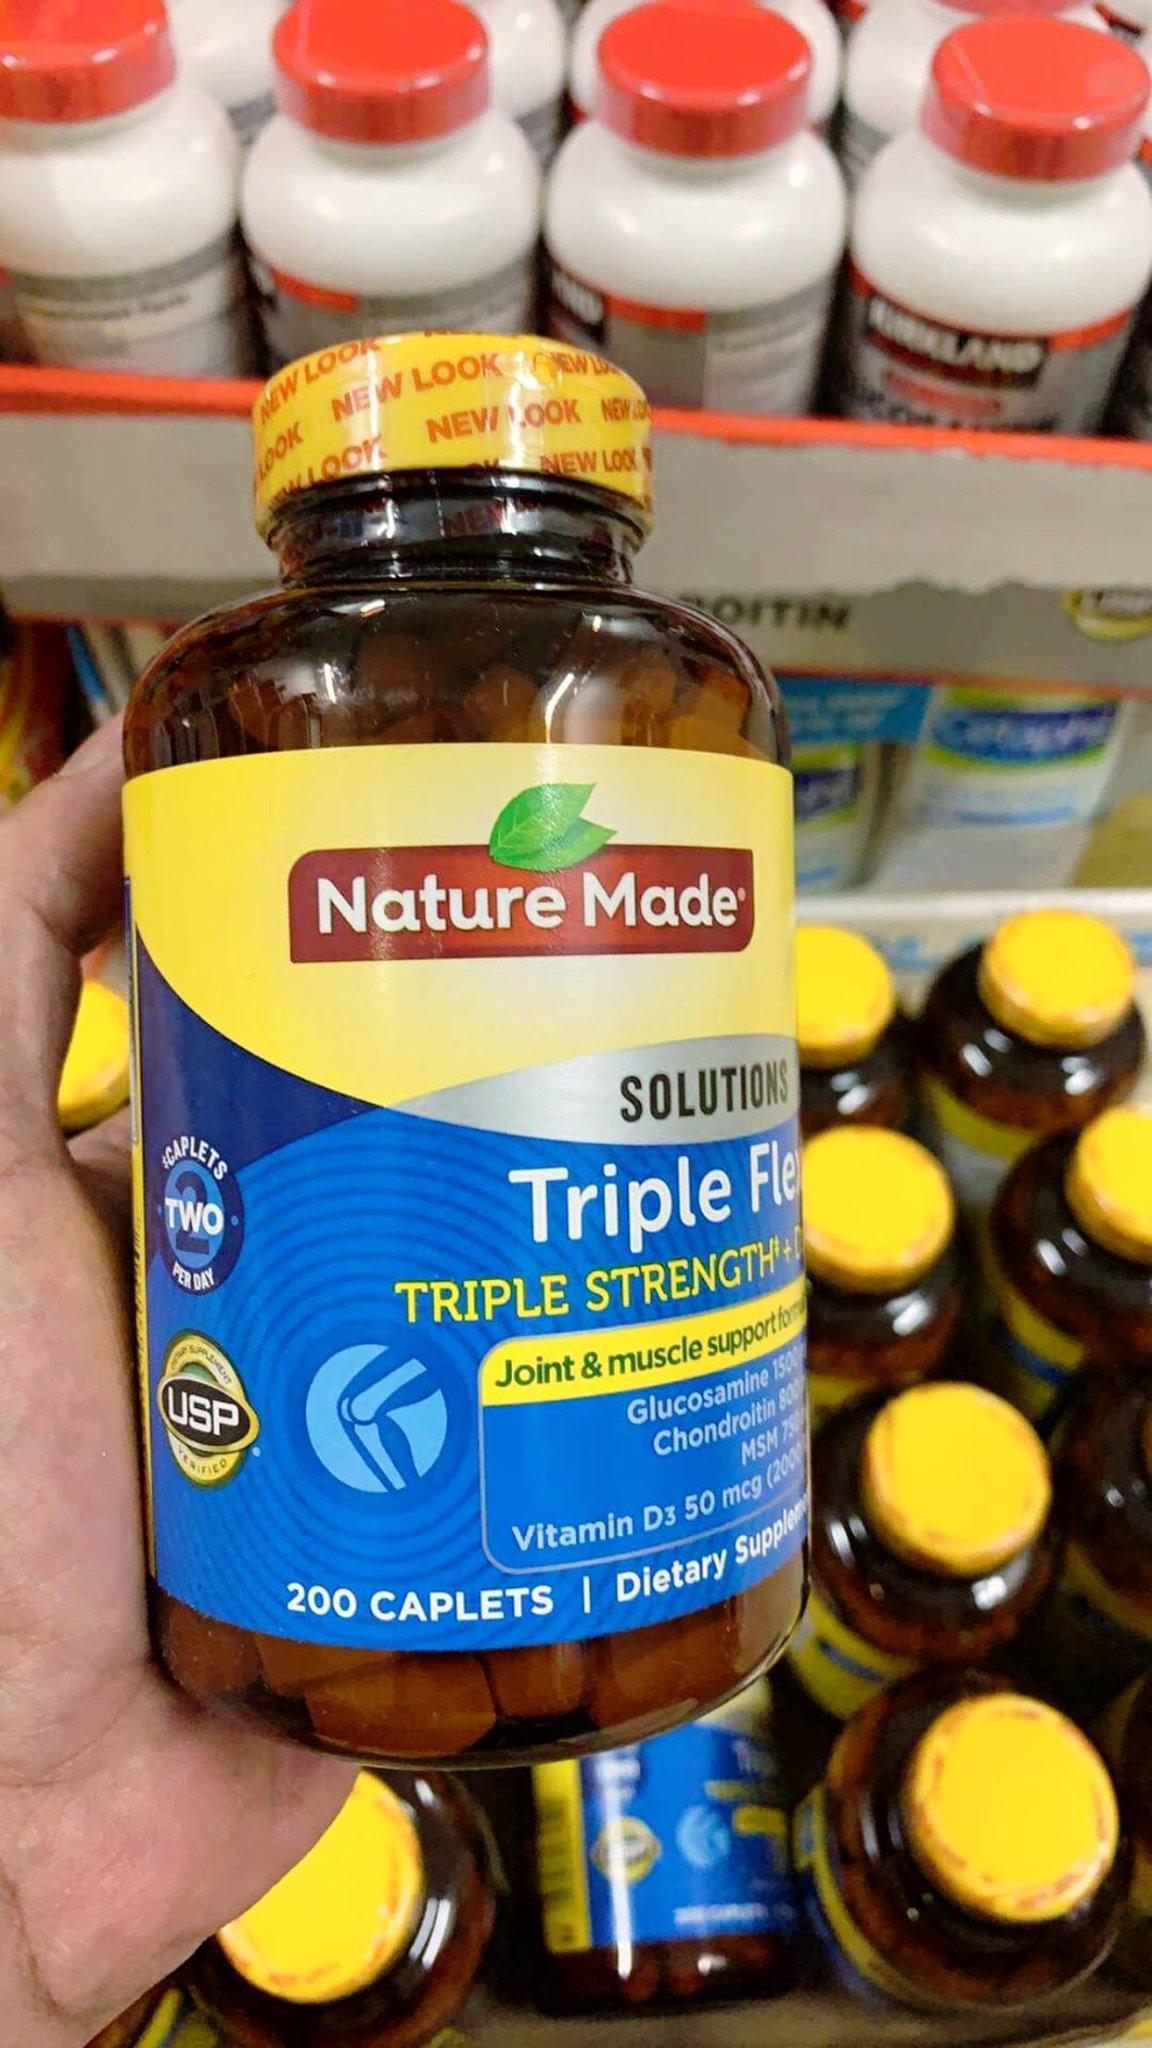 Viên uống hỗ trợ điều trị xương Triple Flex Triple Strength Nature Made Hộp 200 viên